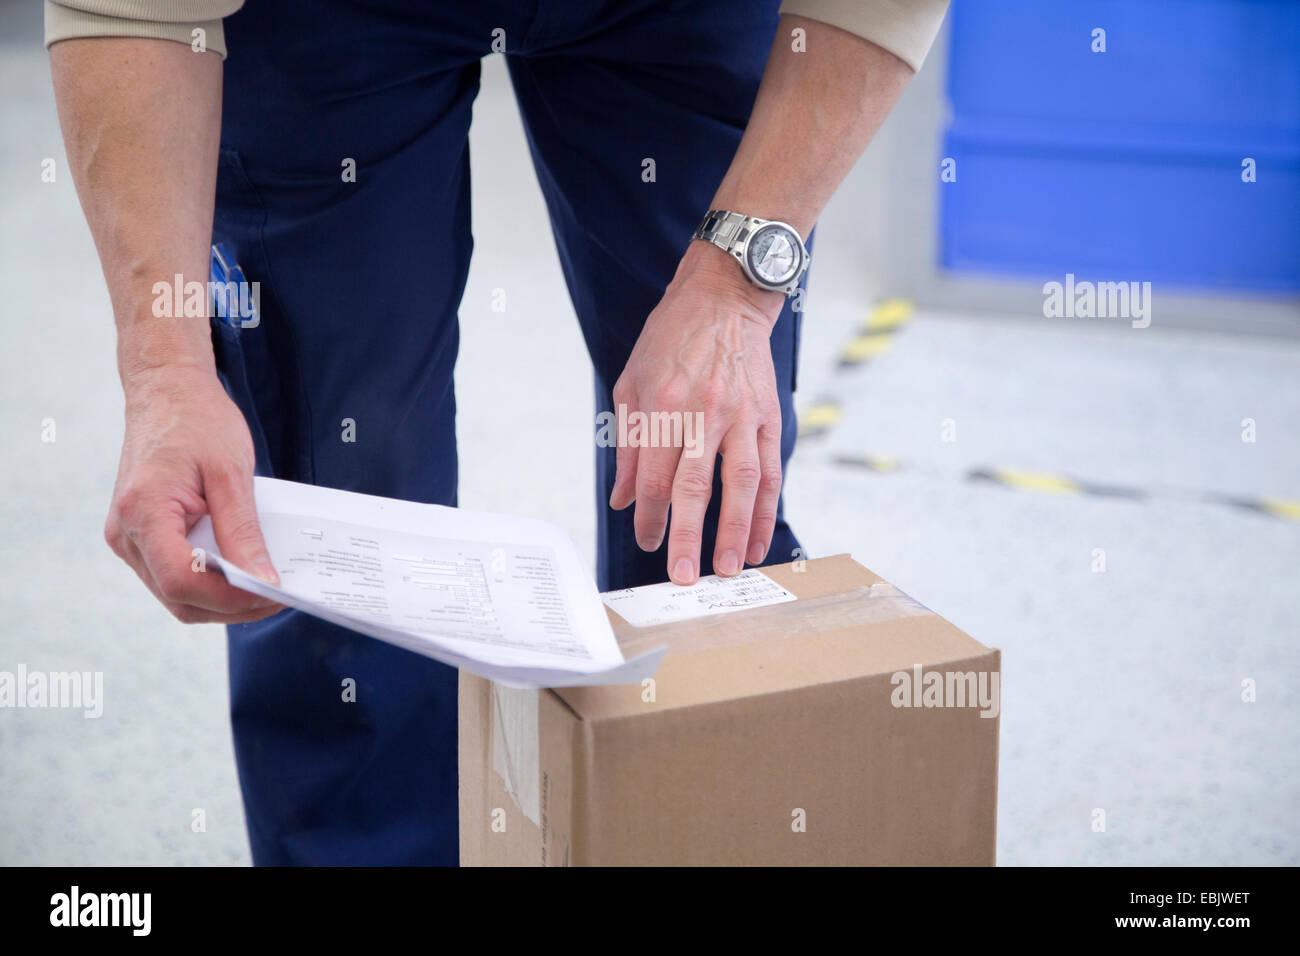 Comprobación de trabajador sanitario de envases en el almacén Imagen De Stock